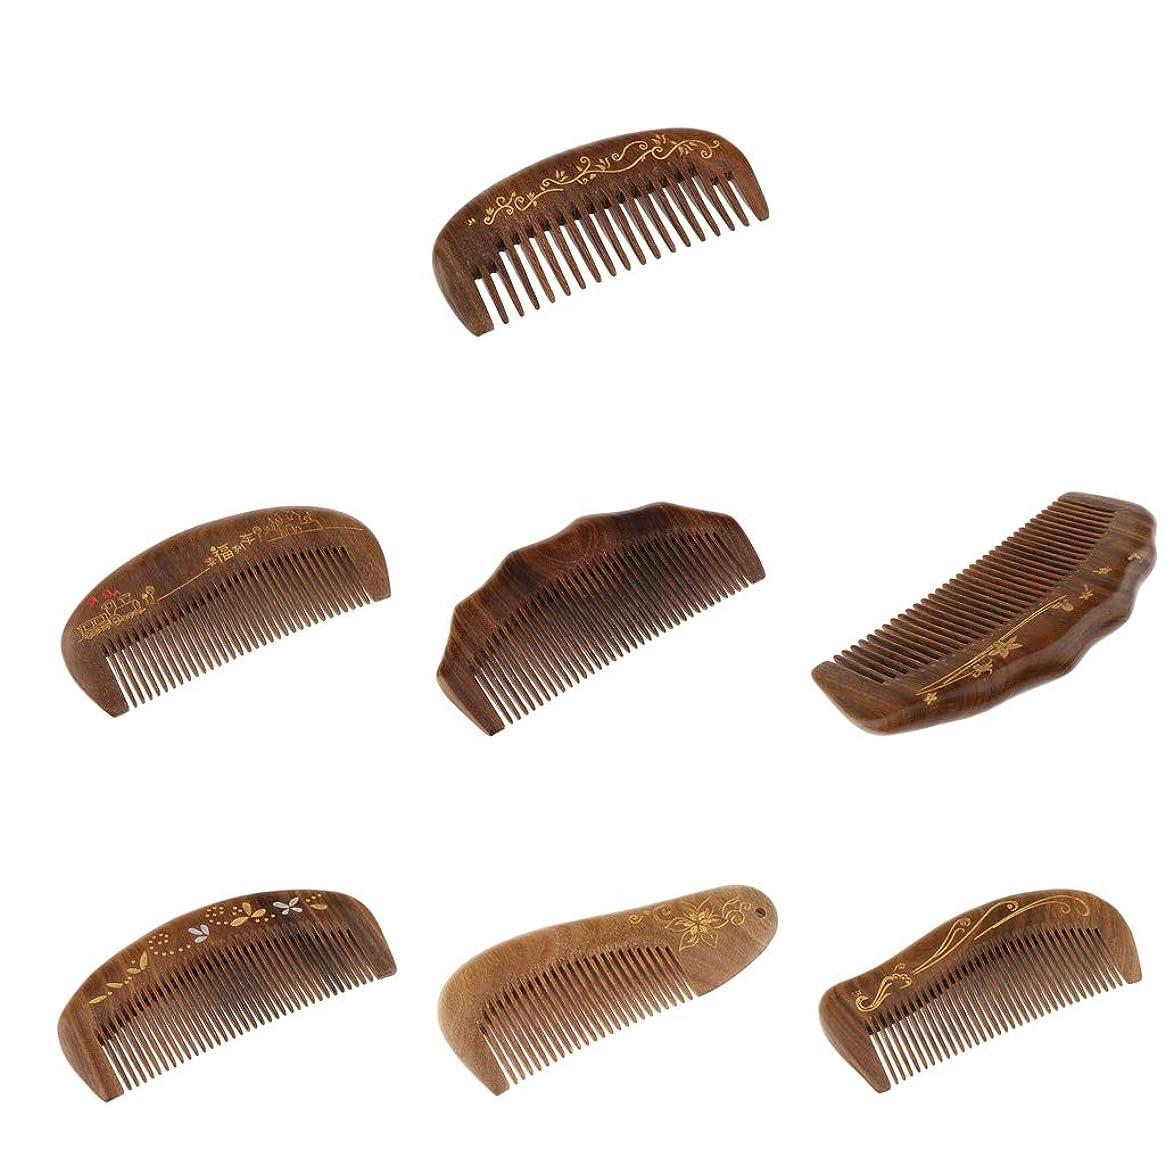 拷問ギャラントリー卒業CUTICATE コーム ヘアコーム ヘアブラシ 静電気防止 木製 7個パック